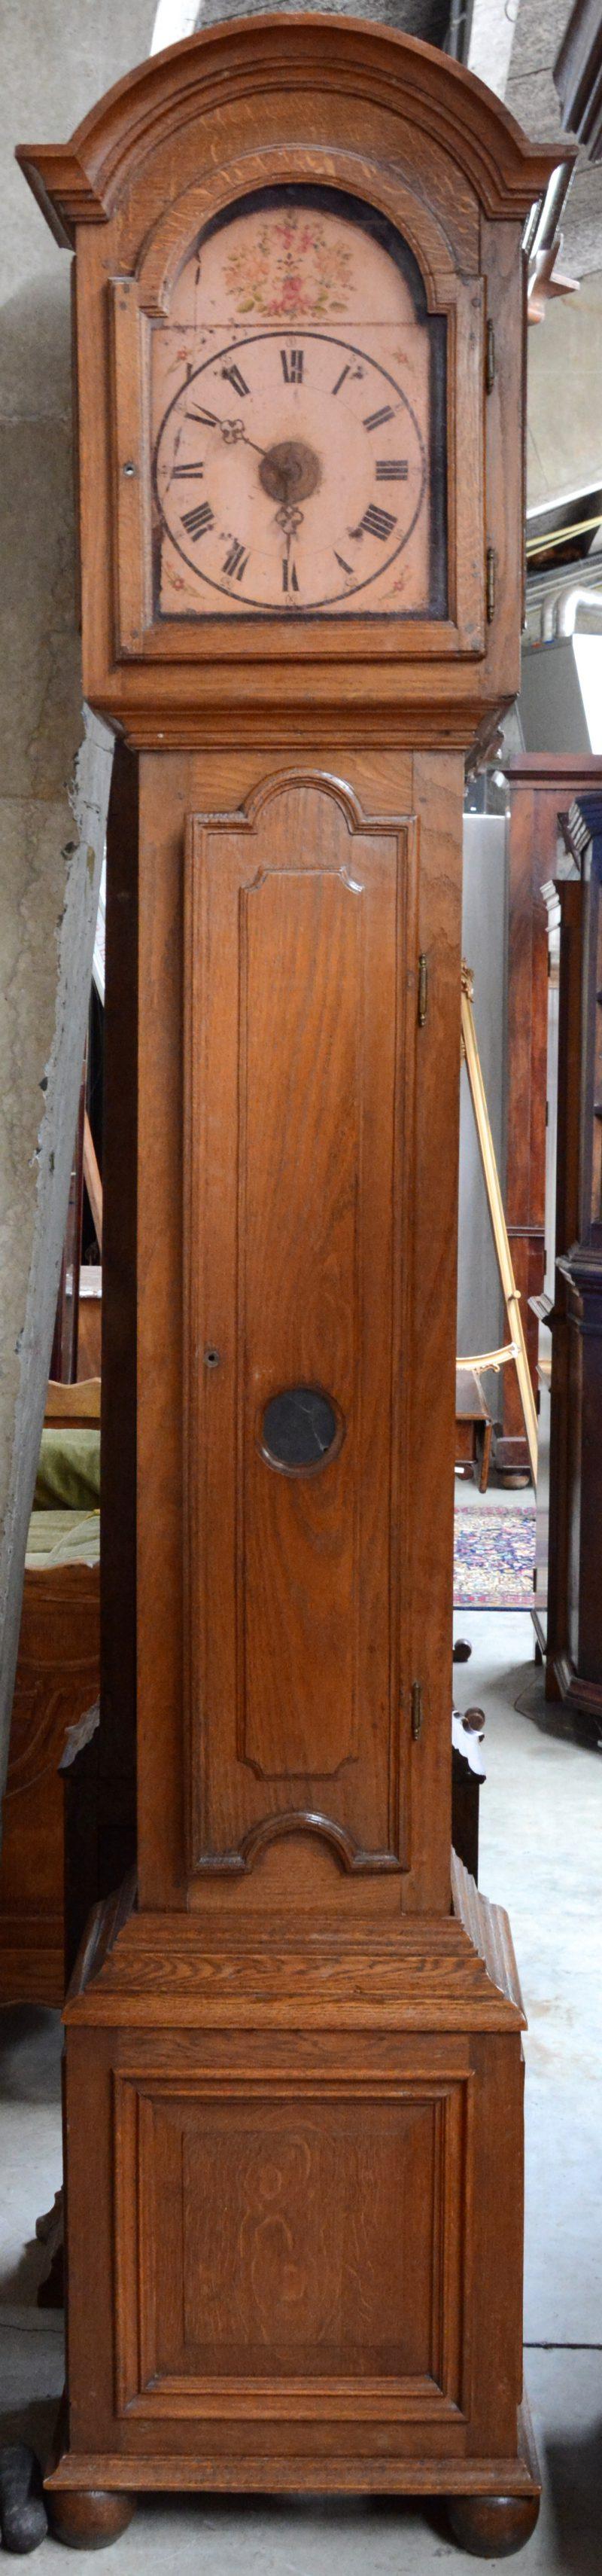 Een staande klok met eikenhouten kast. Het werk met een handbeschilderde houten wijzerplaat met bloemendecor. XIXe eeuw.